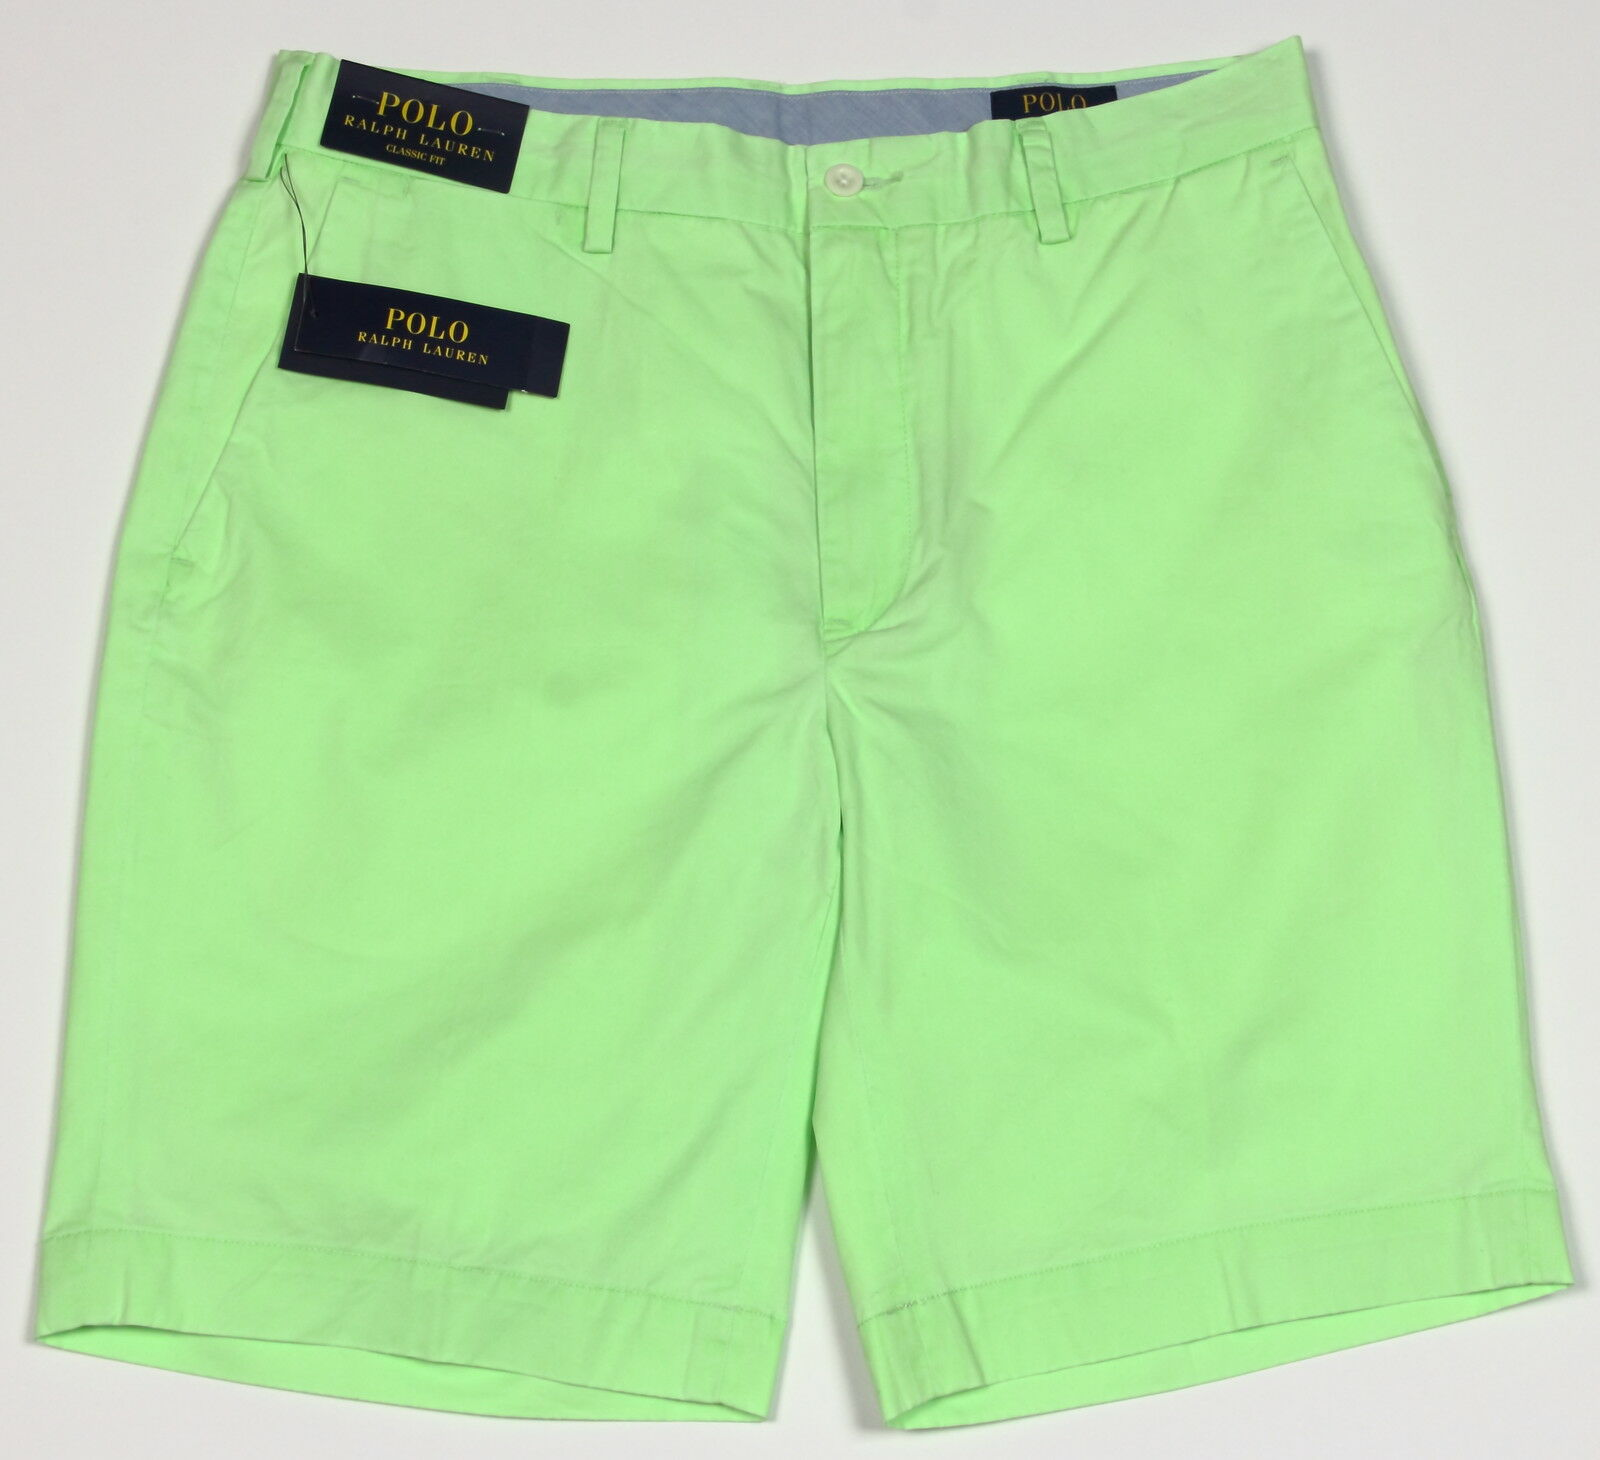 Men's POLO RALPH LAUREN Lime Green Pima Cotton Lightweight Shorts 35 NWT NEW